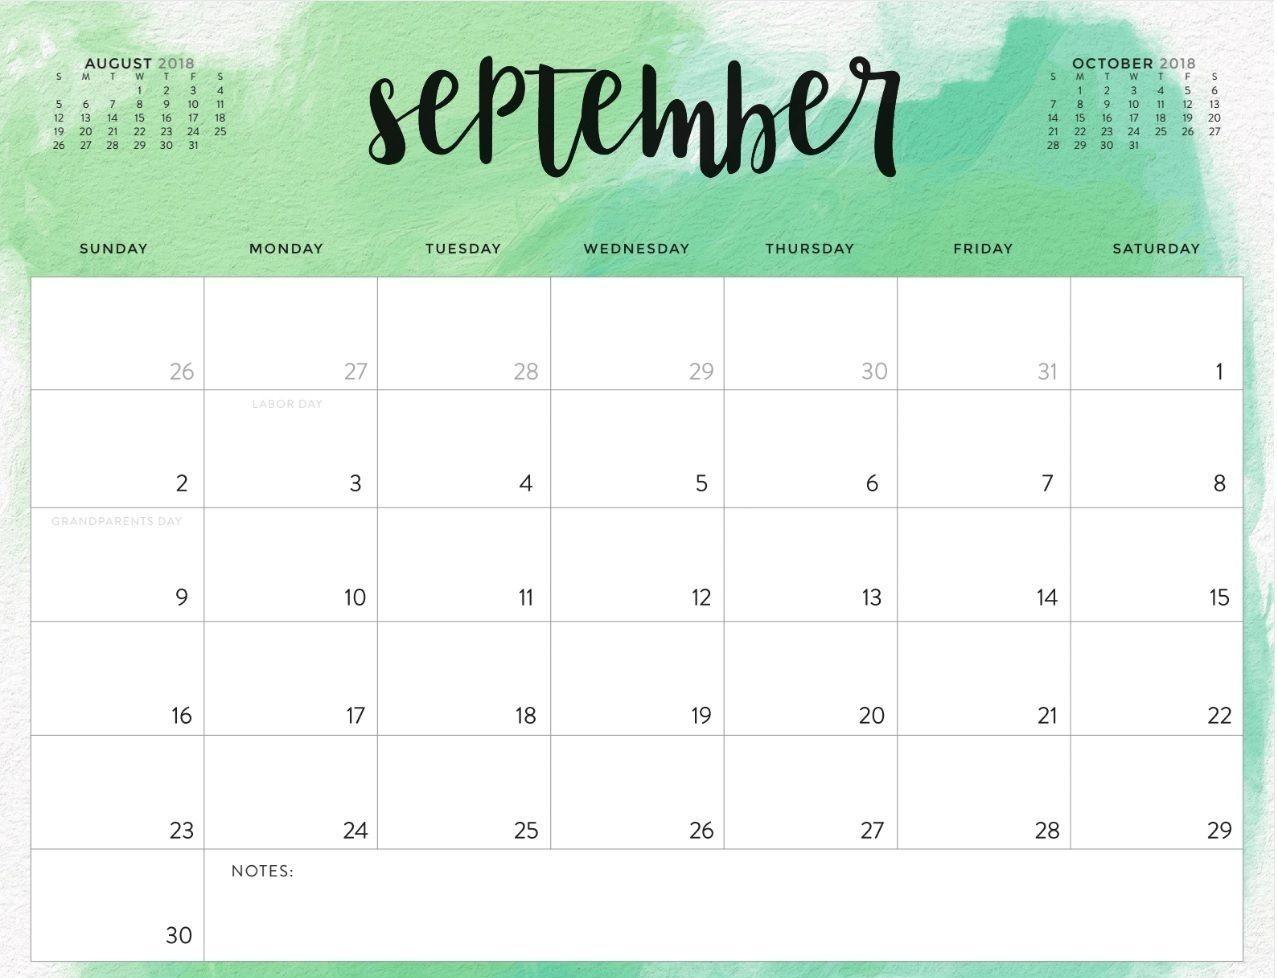 Free Printable Calendar Waterproof In 2020 | September pertaining to Waterproof Calendar 2021